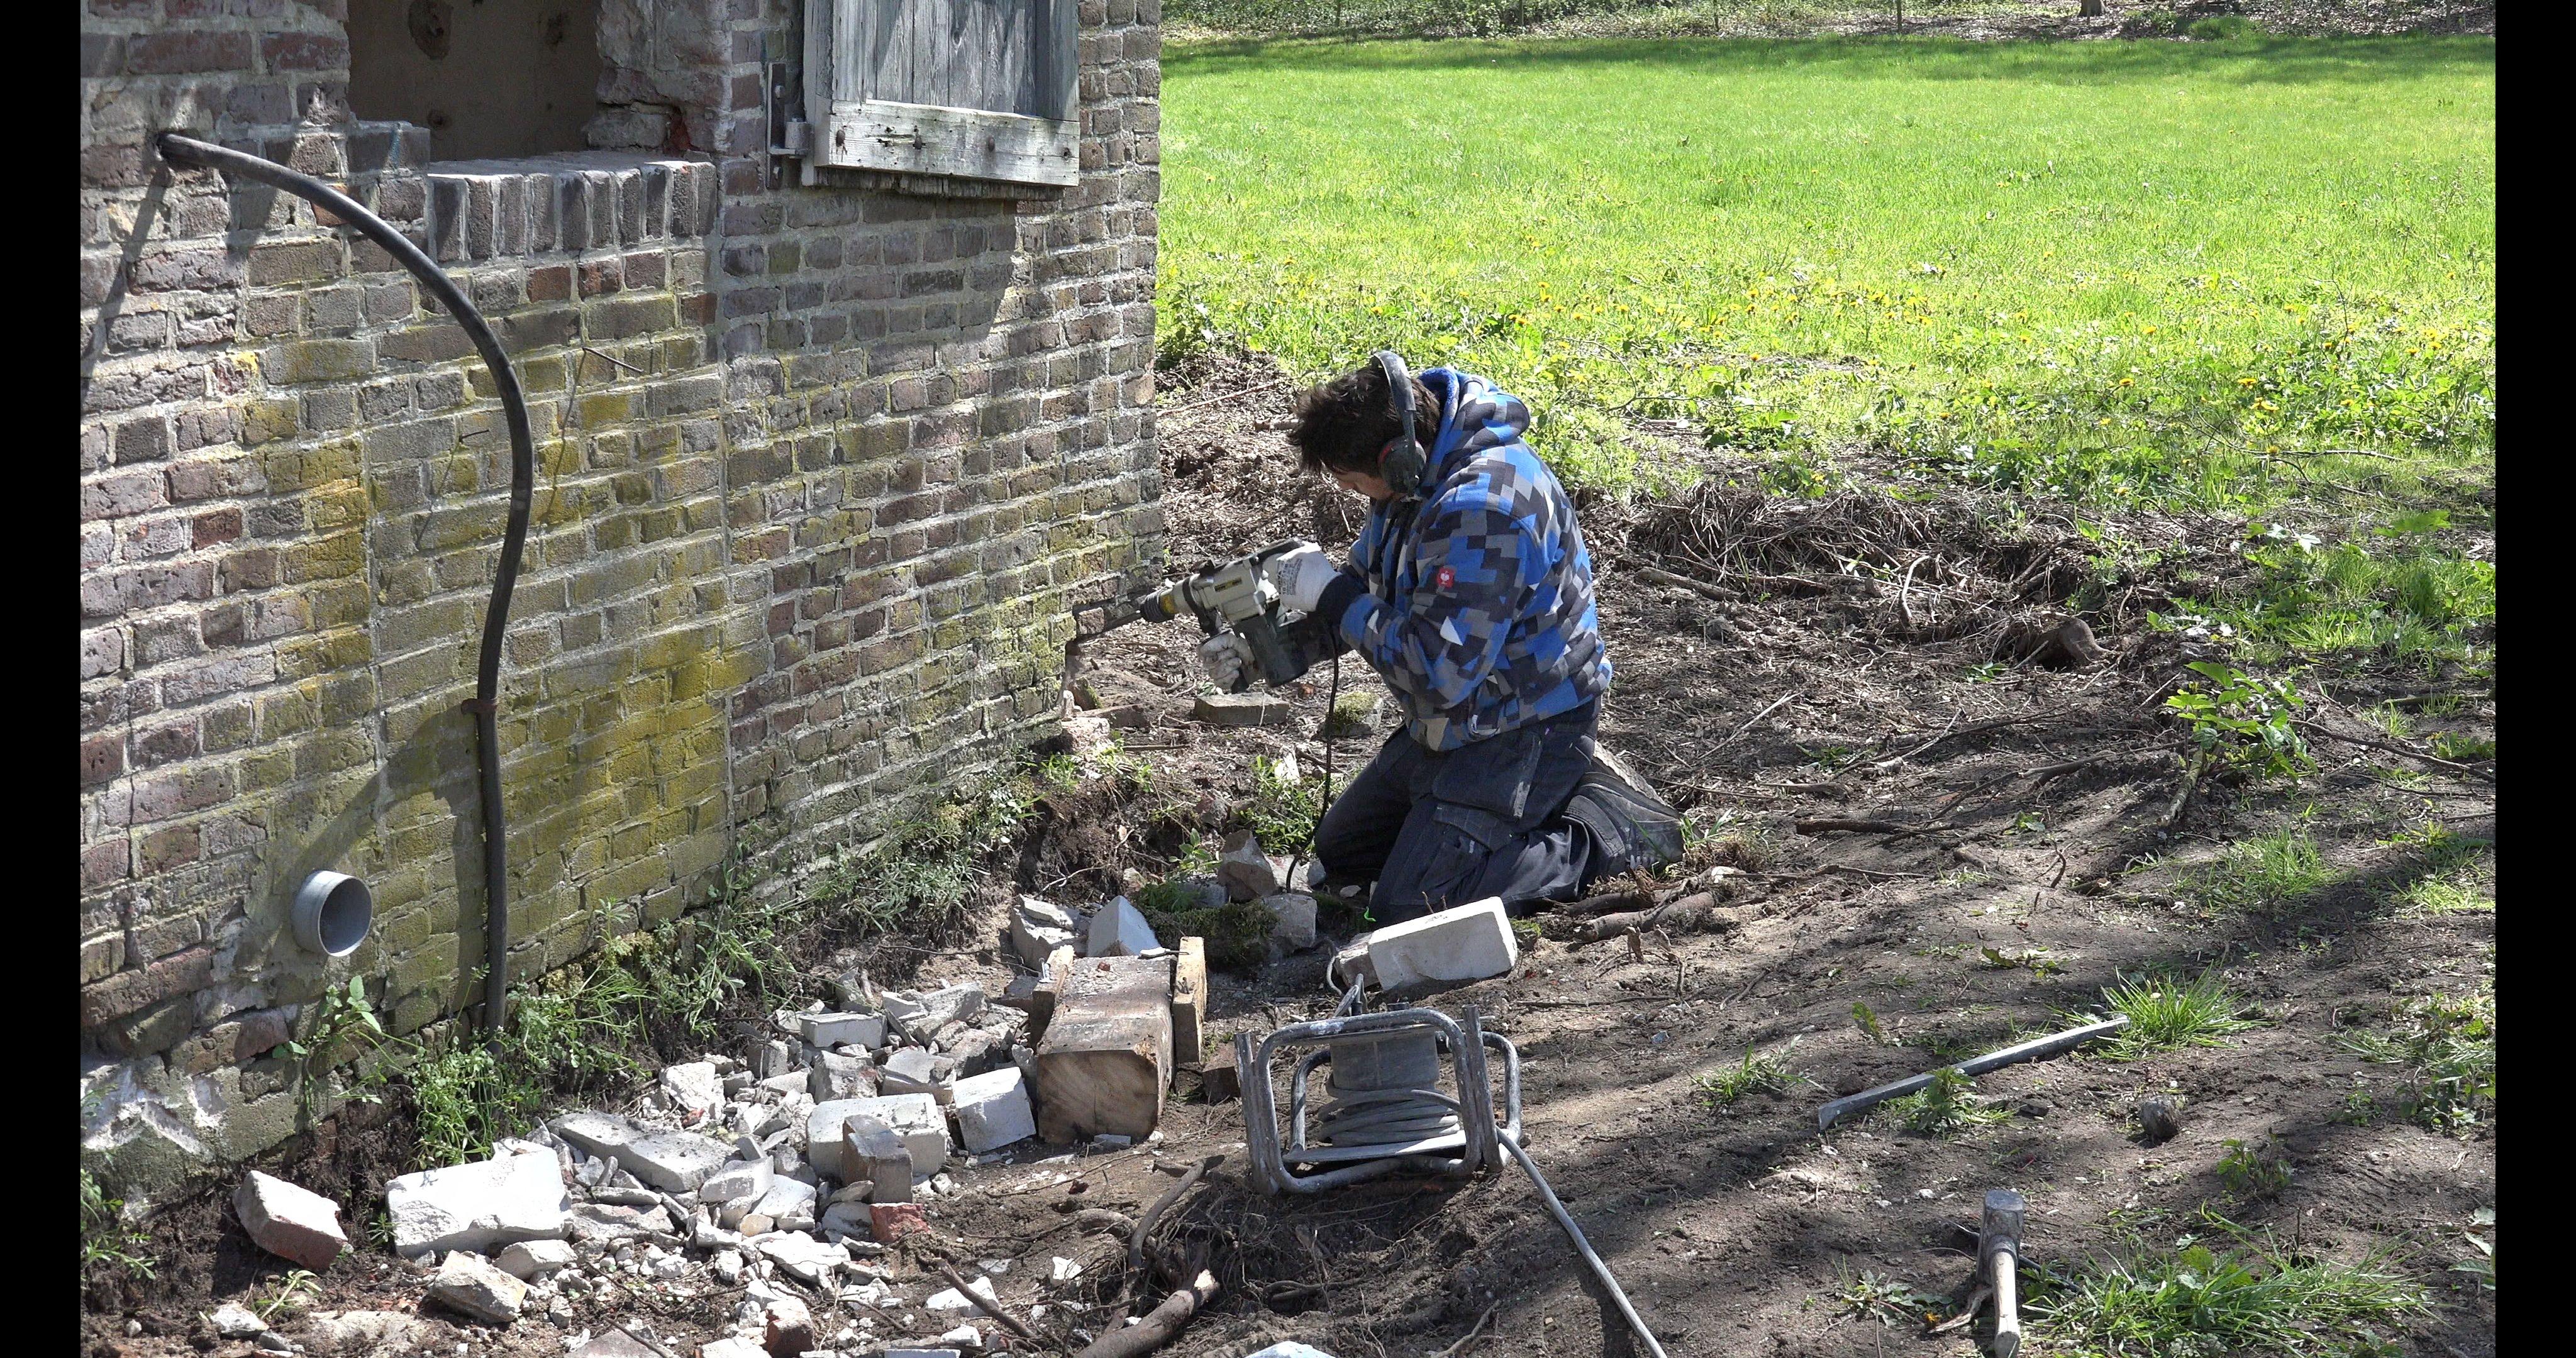 Kasper restaureert de zuid-westhoek van de gevel.